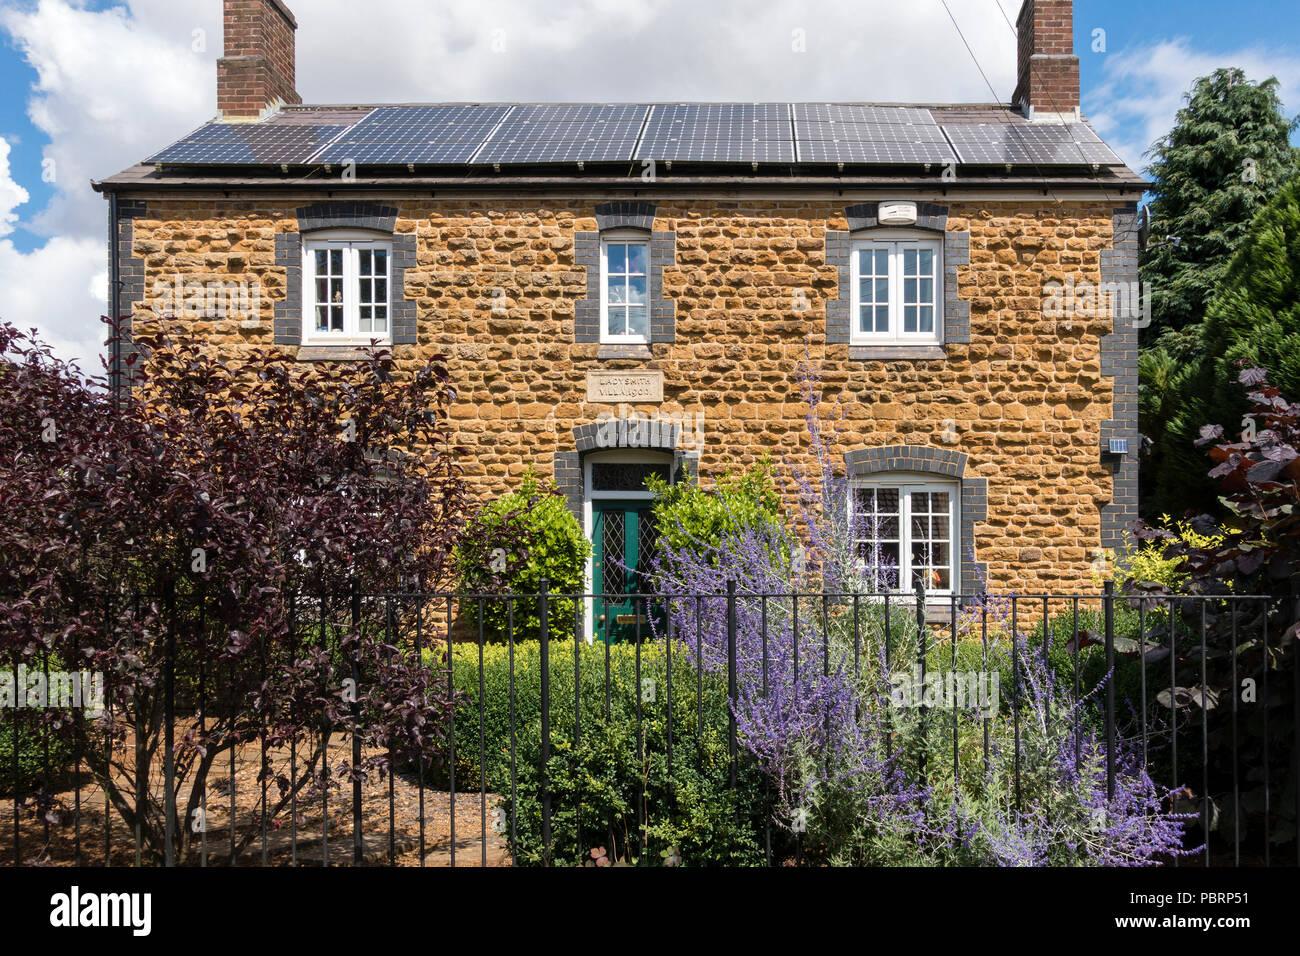 Elevación frontal, Ladysmith Villa, azul antiguo ladrillo y piedra amarilla casa construida con paneles solares en el techo, el C1900, Somerby, Leicestershire, Inglaterra, Reino Unido. Imagen De Stock